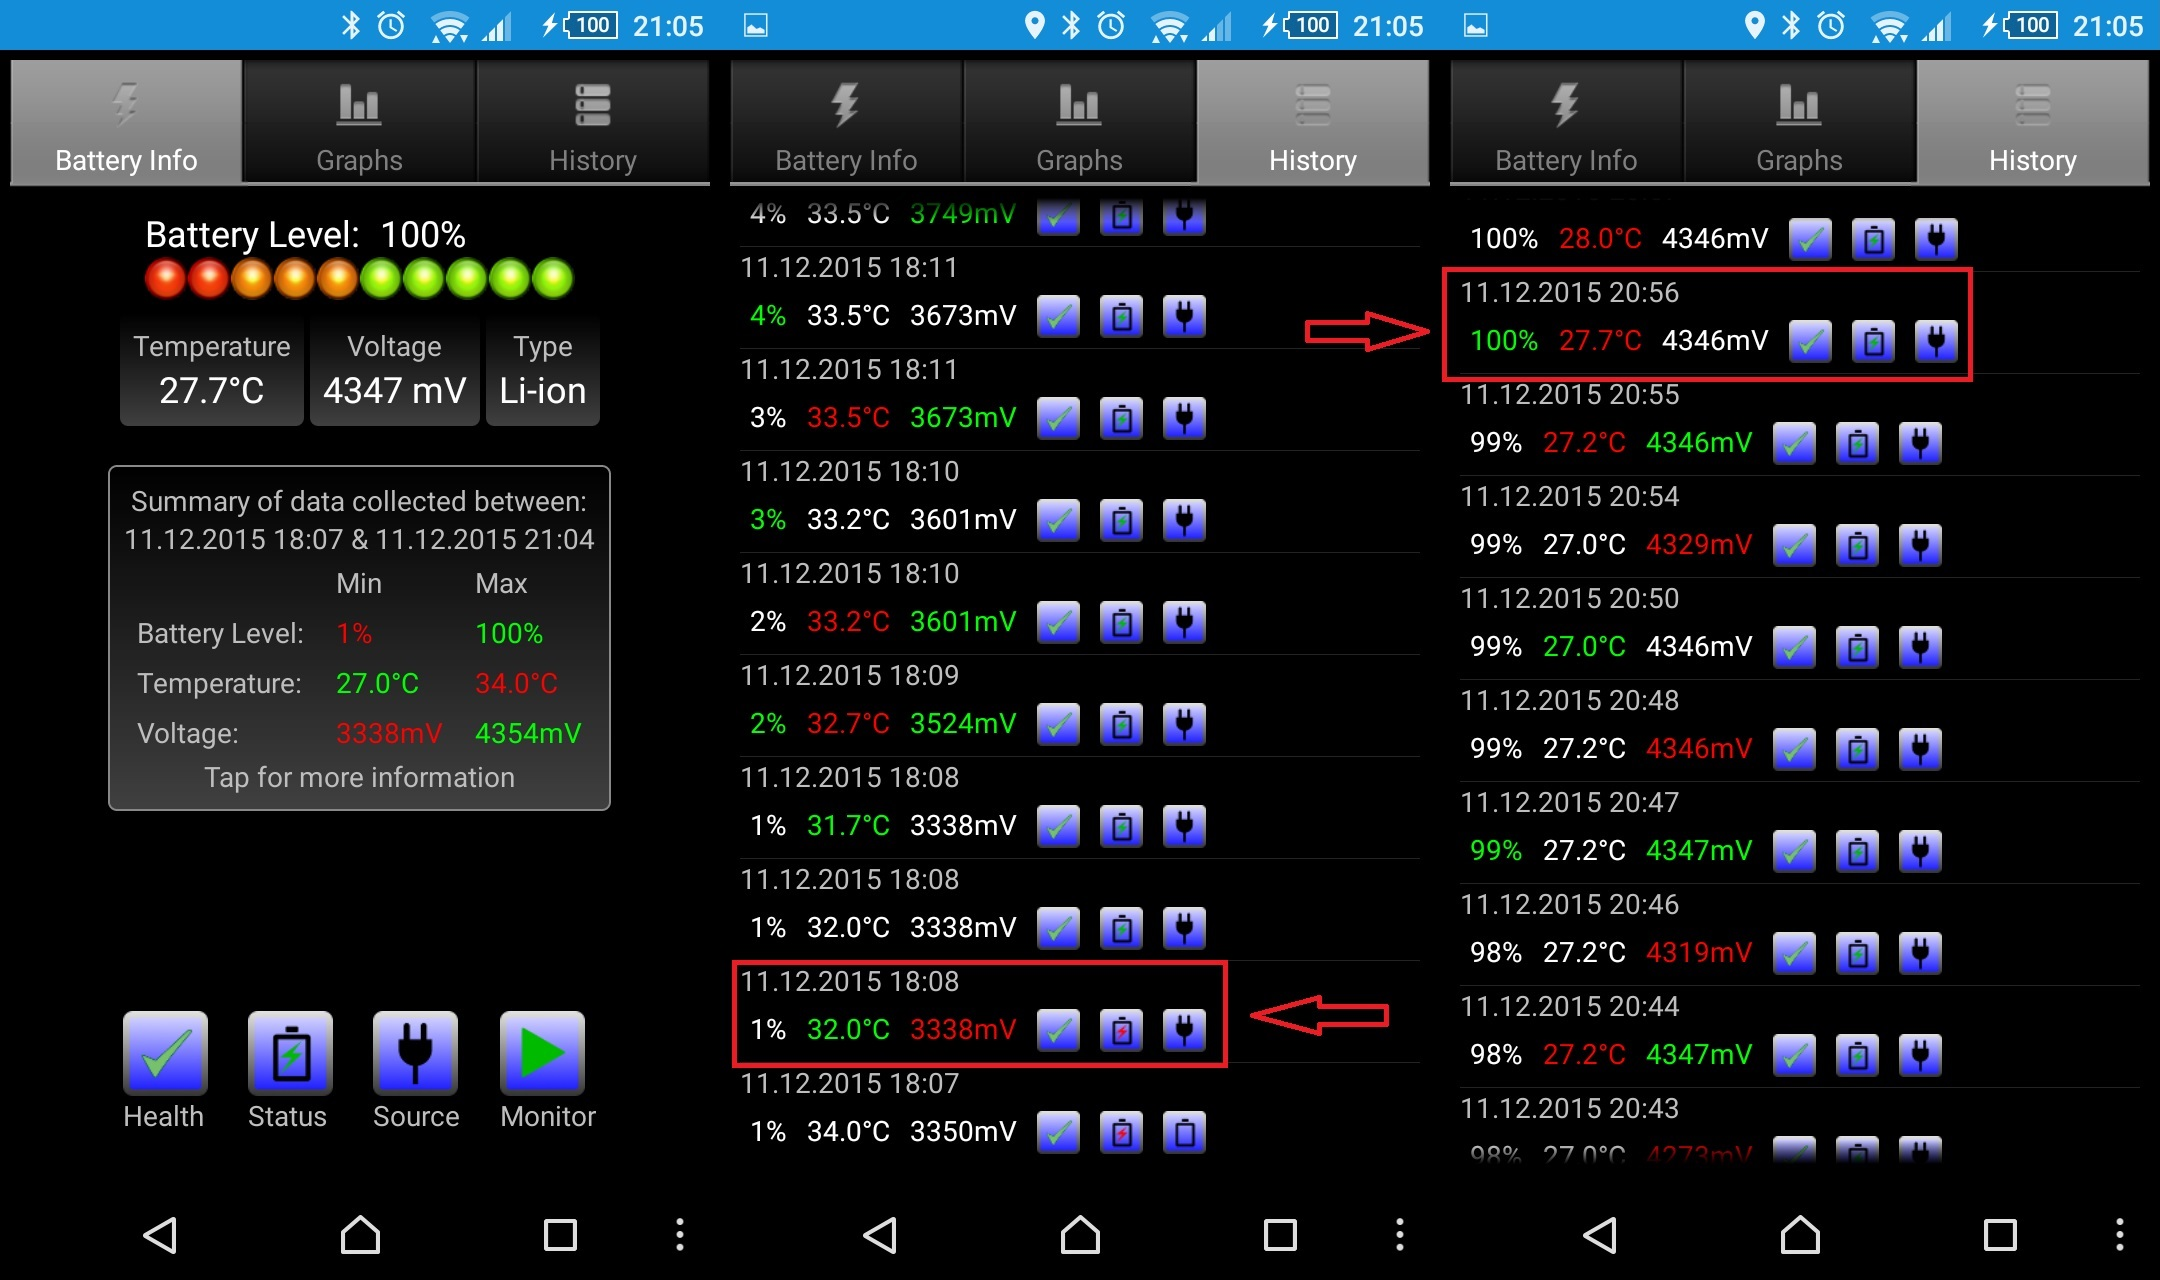 Recenzja Sony Xperii Z5 Compact - a tak wygląda czas ładowania baterii z dedykowanej ładowarki. I pozostawia wiele do życzenia... - 90sekund.pl